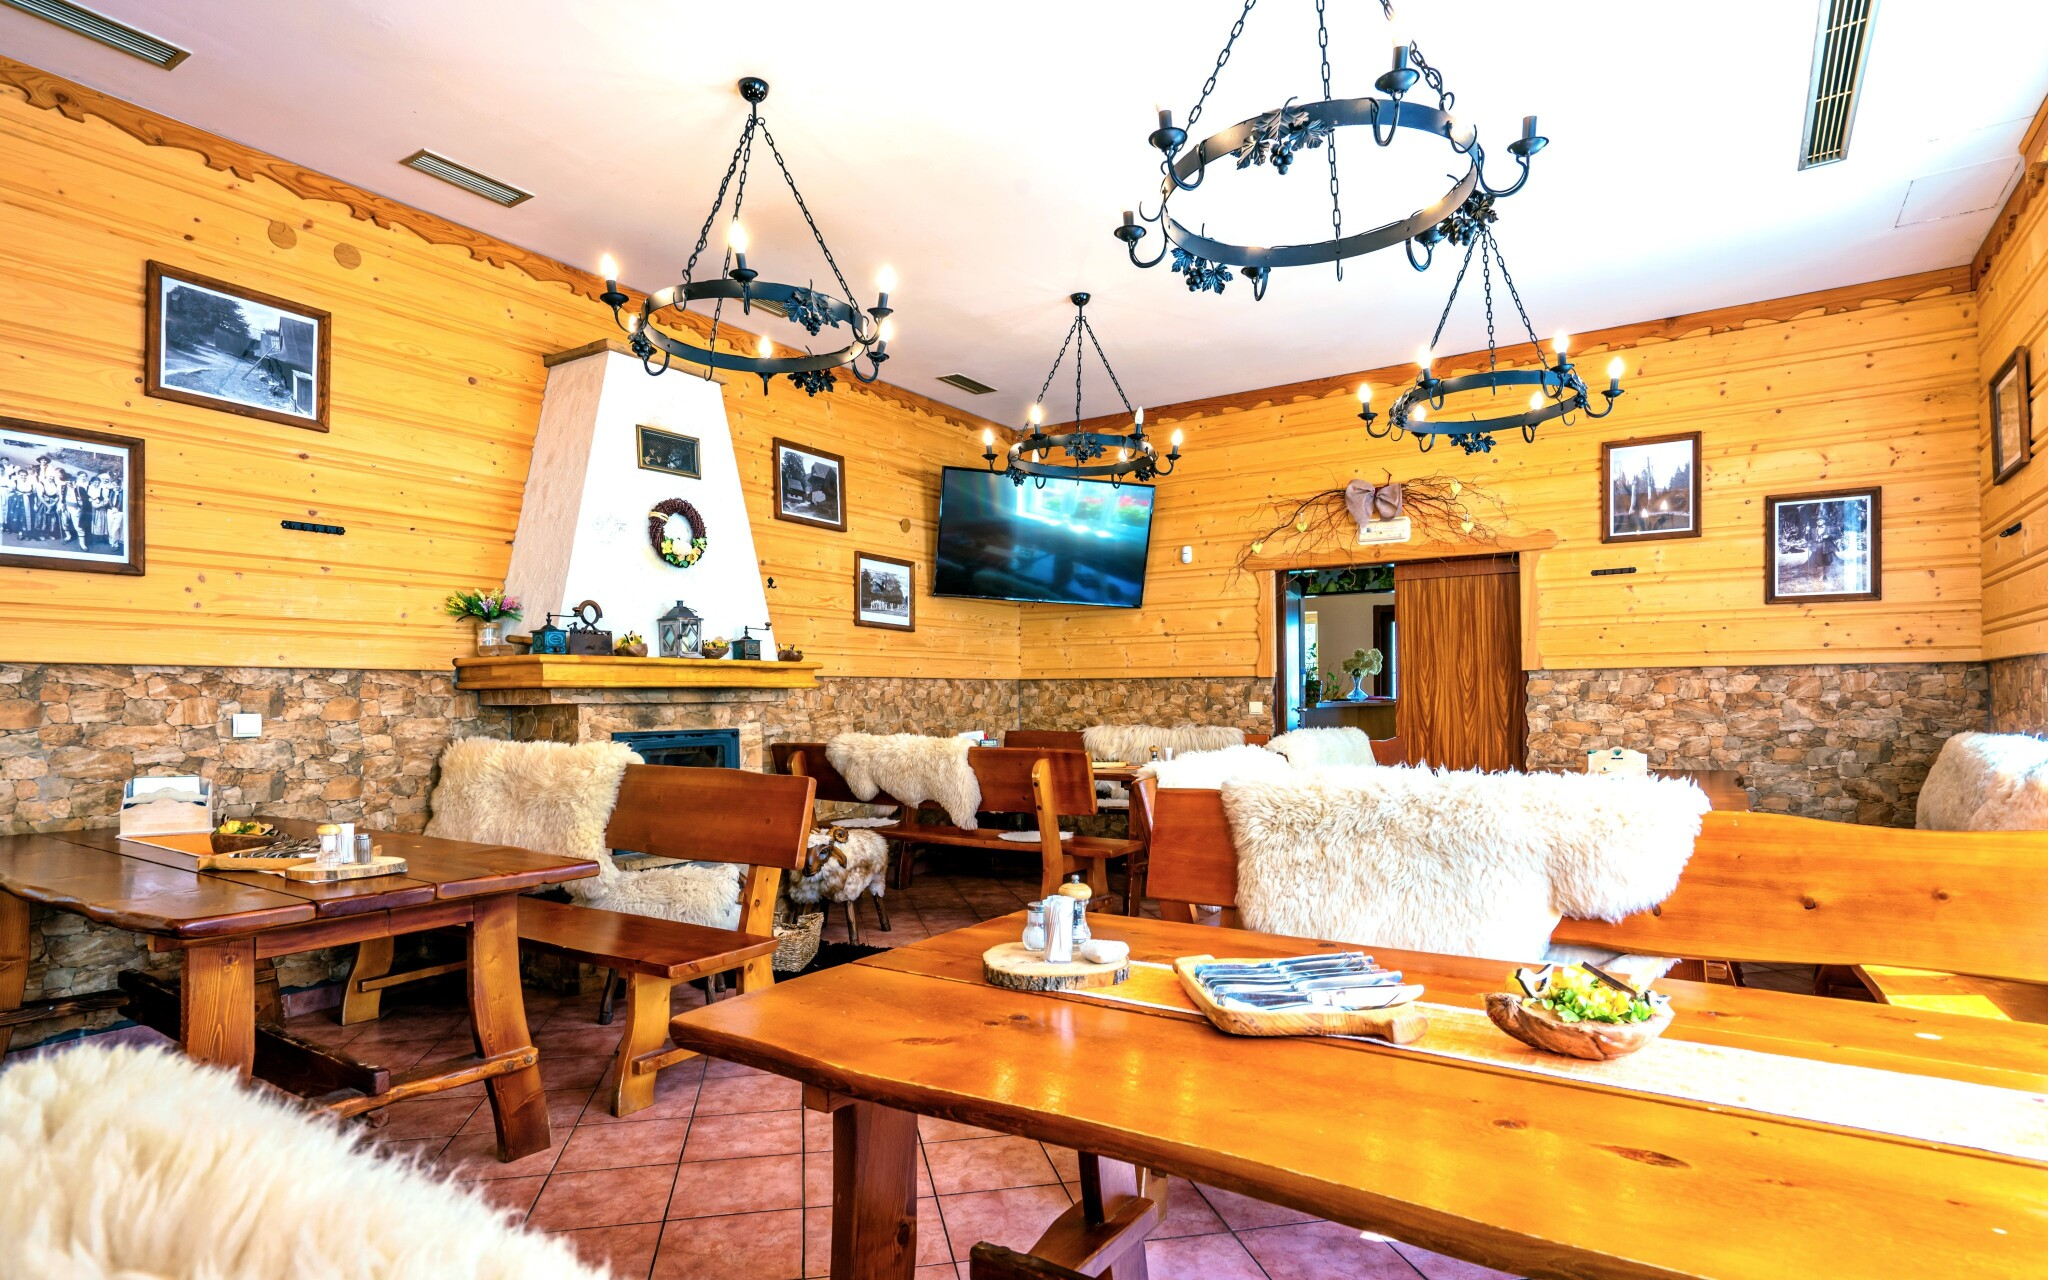 Štýlová reštaurácia pripomína salaš